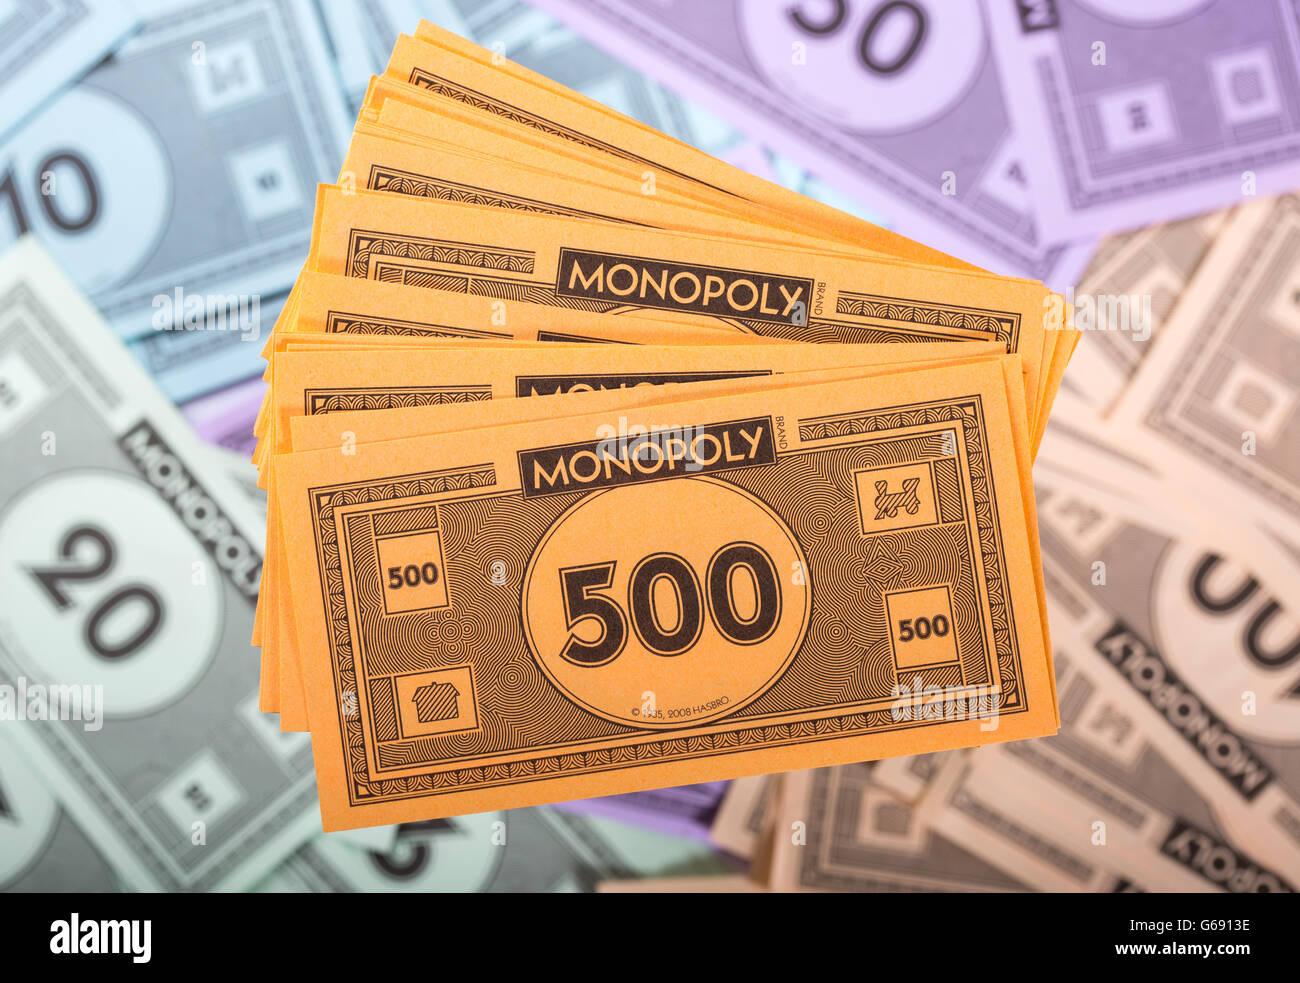 Monopoly Geld Verteilung